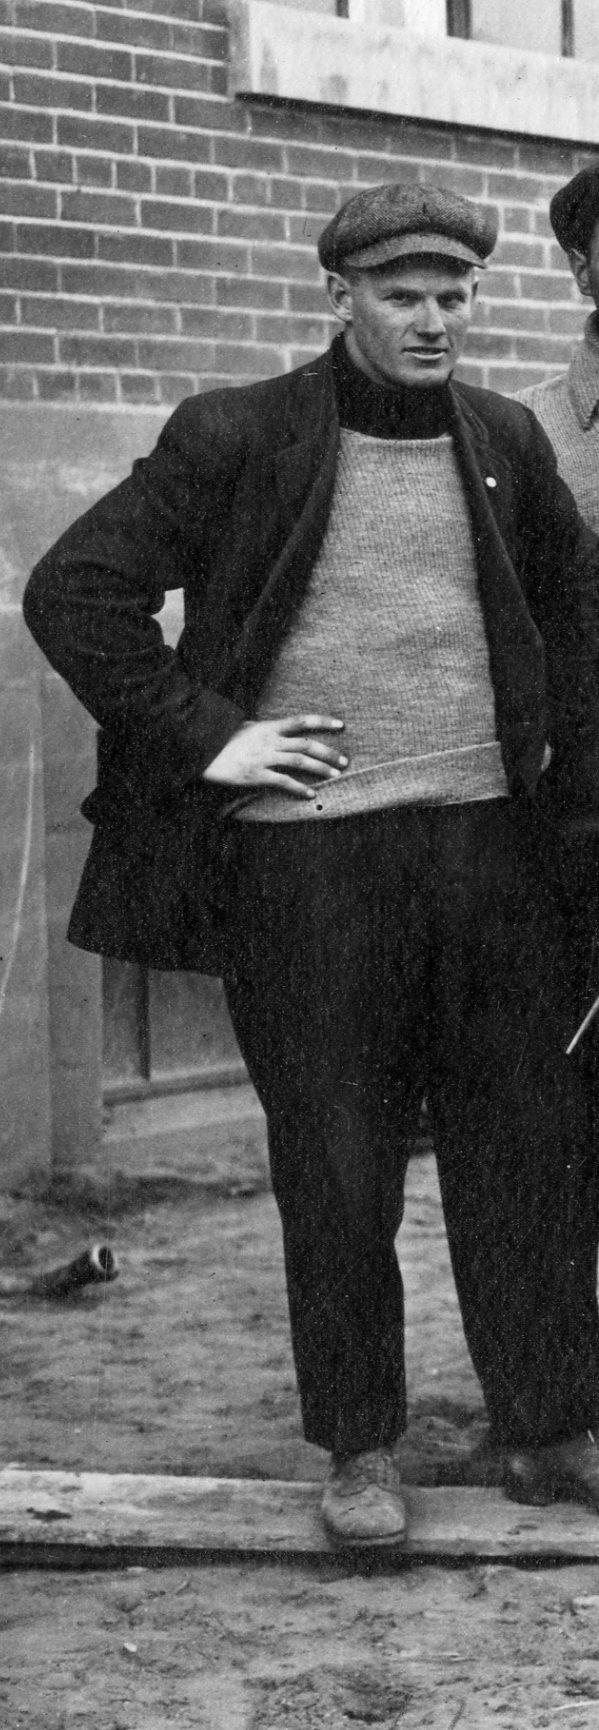 Photo of Gersham Bateman– Gersham Batement at work in Cookstown, Ontario in 1913.